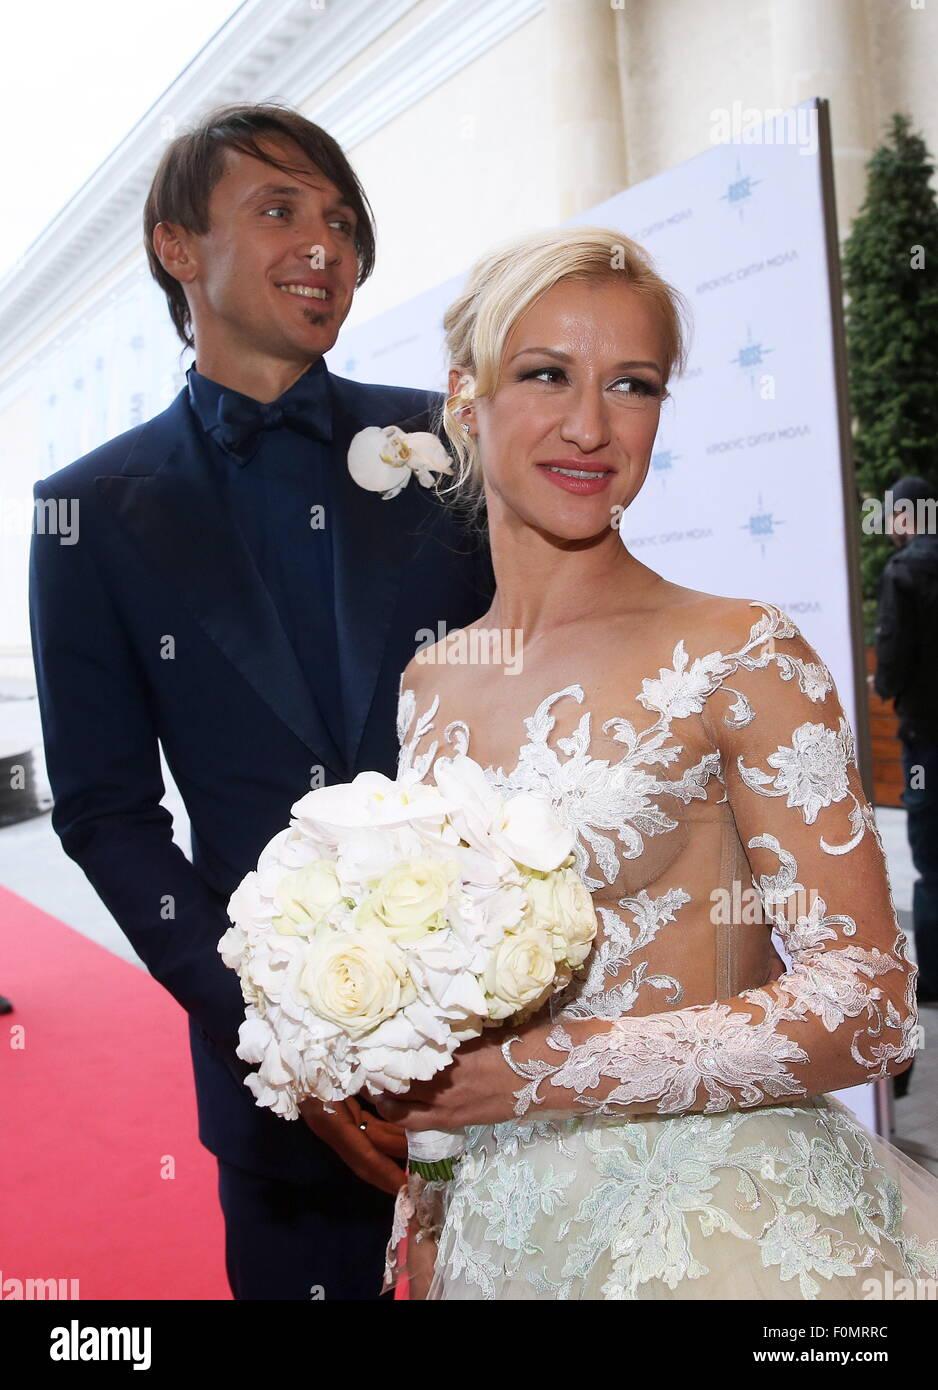 Moskau, Russland. 18. August 2015. Zweifache Eiskunstlauf-Weltmeister Maxim Trankow (L) und Tatyana Volosozhar während Stockfoto